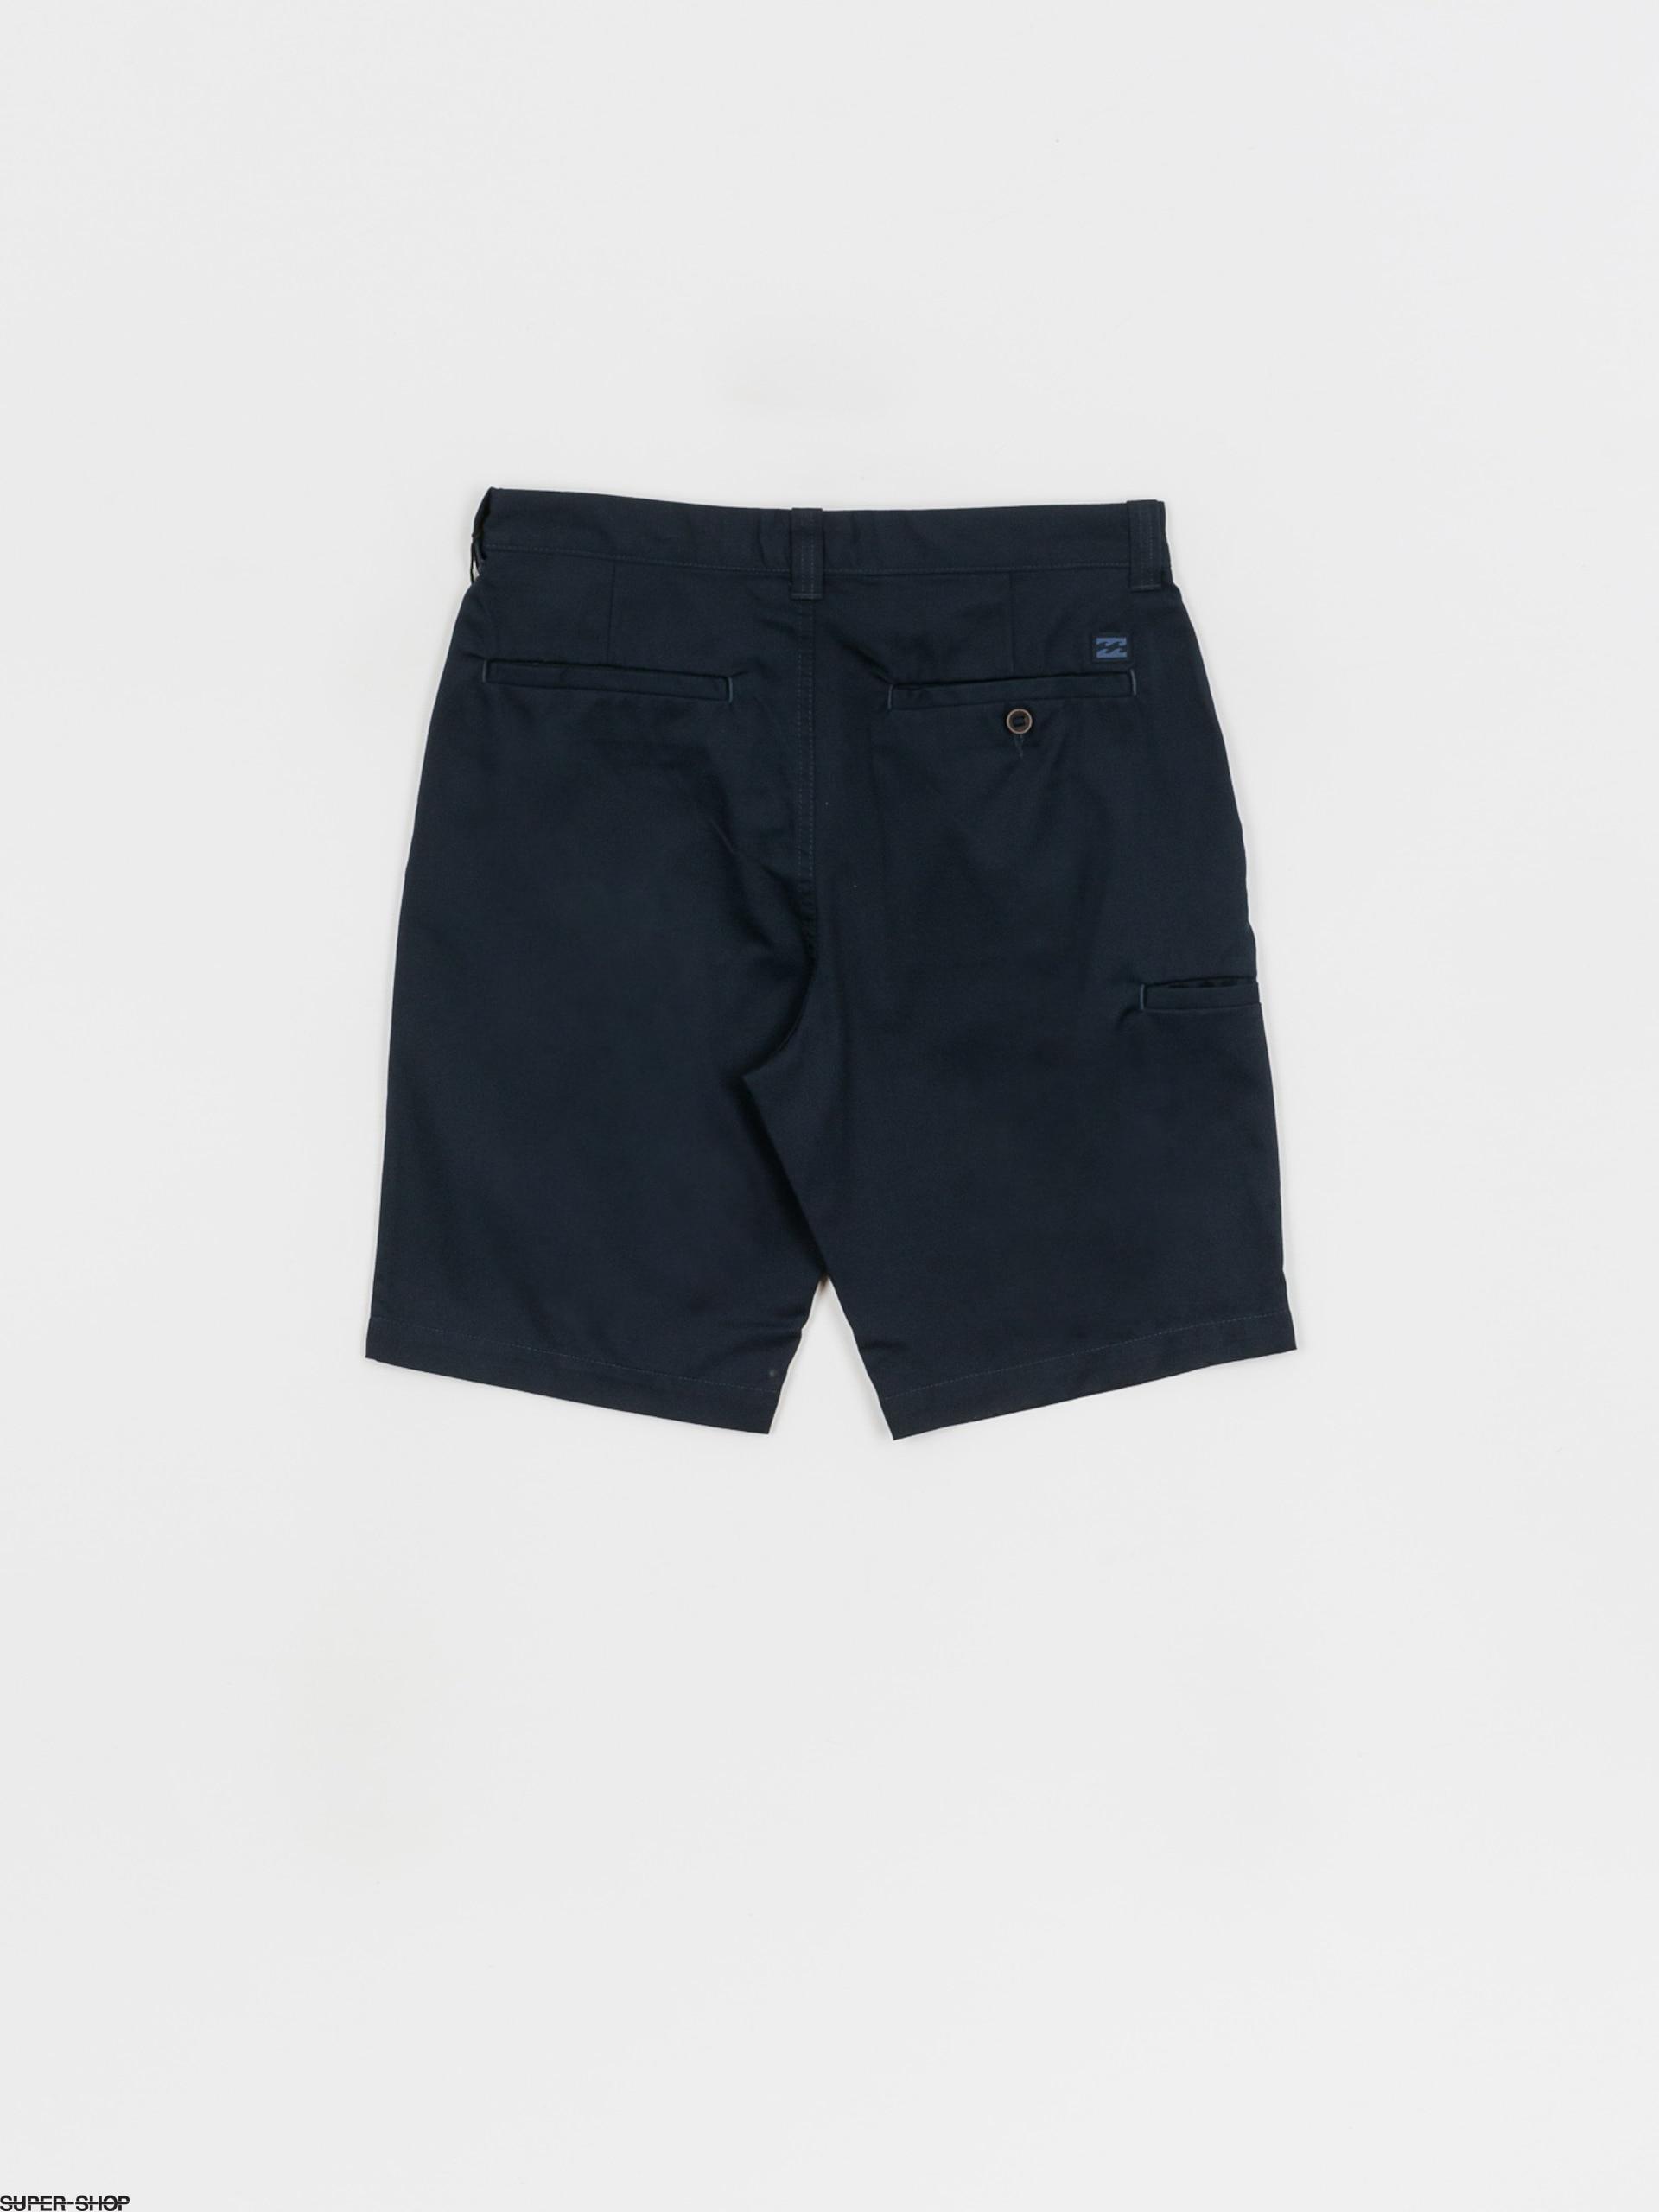 Billabong Carter Chino Shorts in Navy